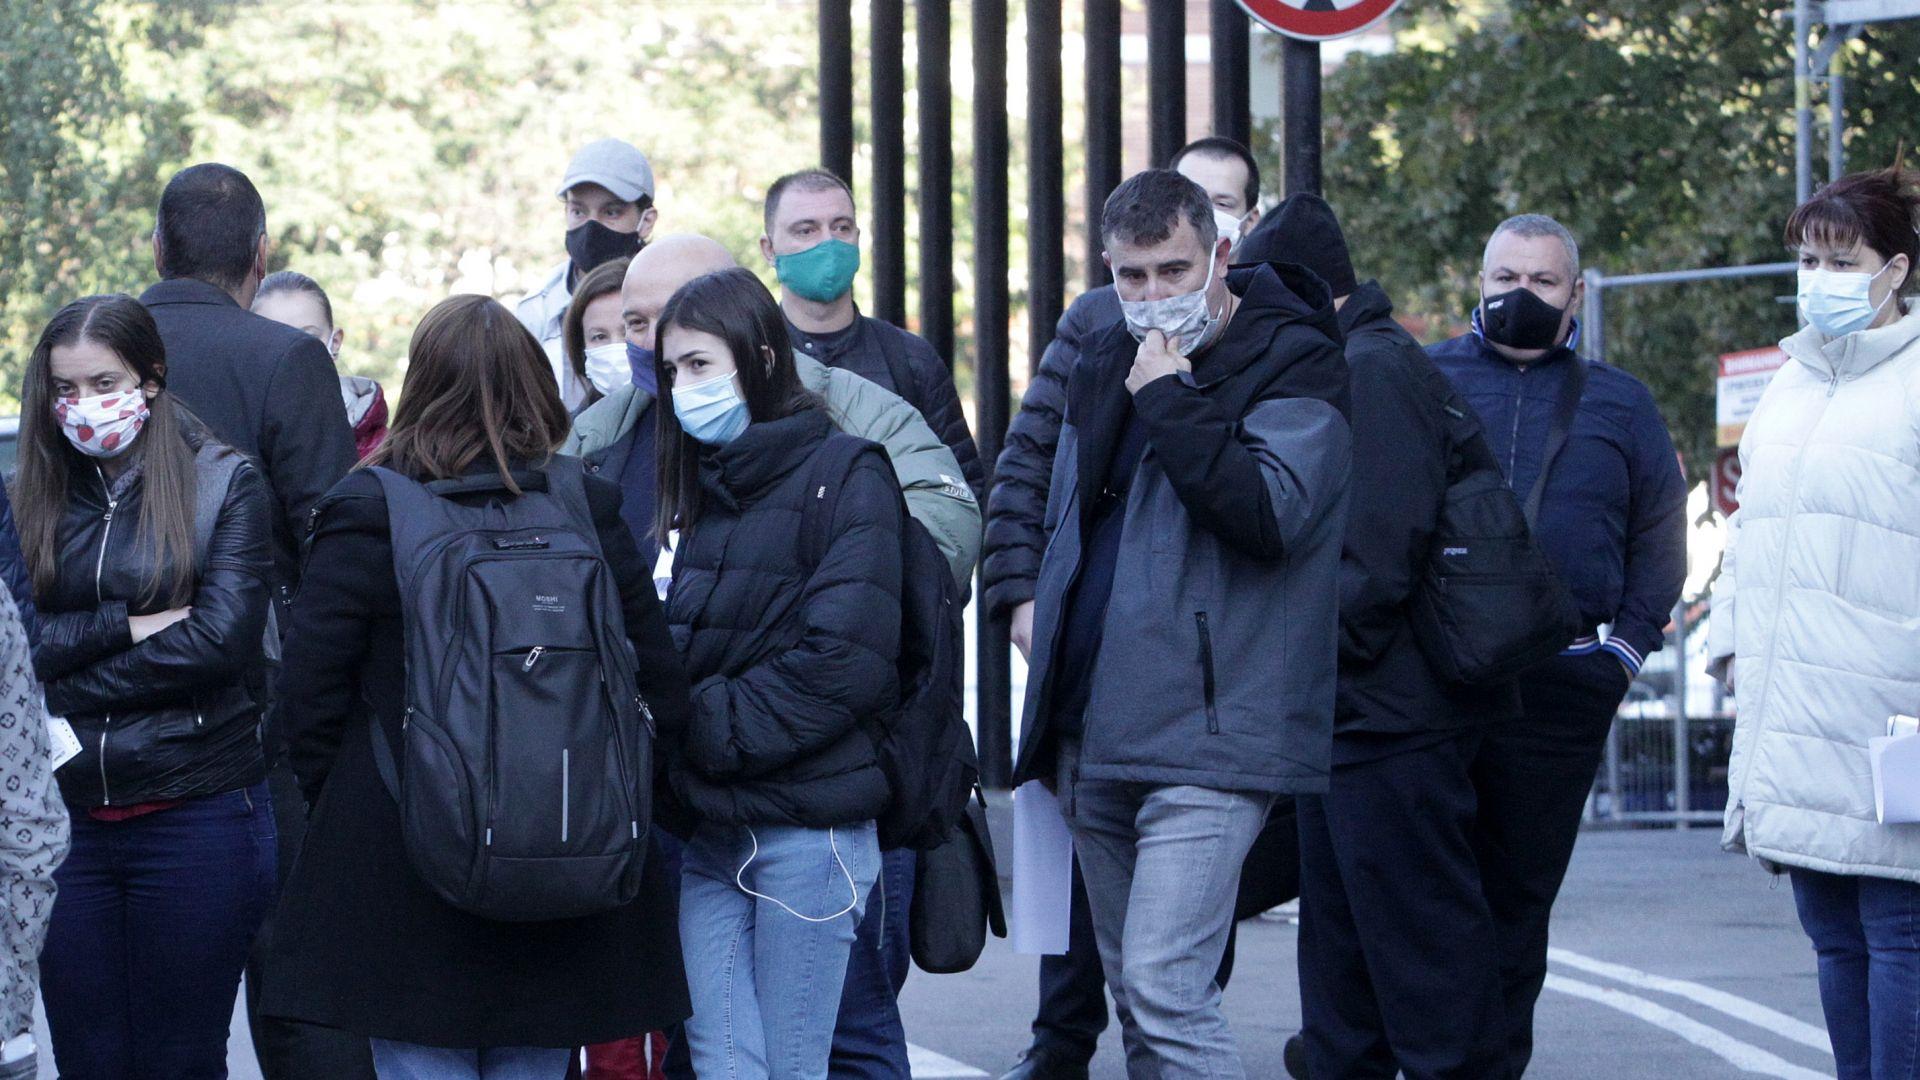 Кои градове затягат мерките срещу коронавируса?